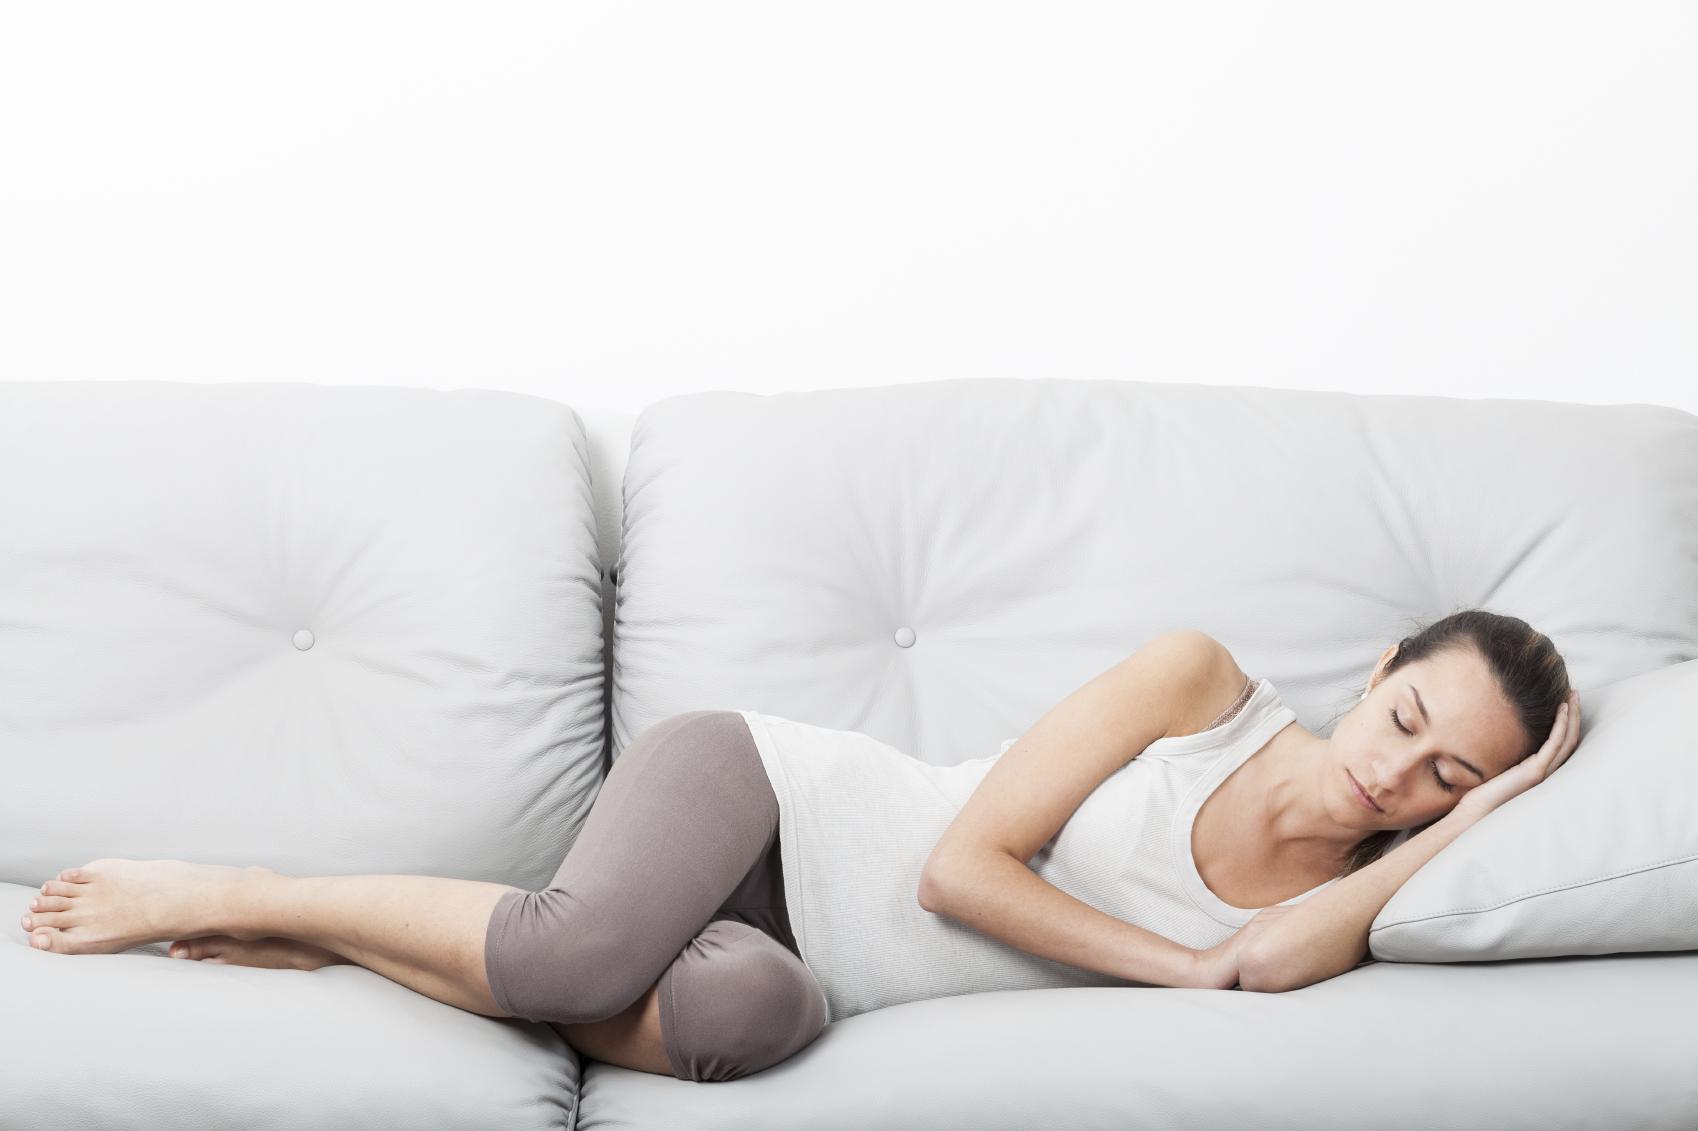 सोफे पर एक झपकी ले जा रही एक औरत। (शेयर छवि)